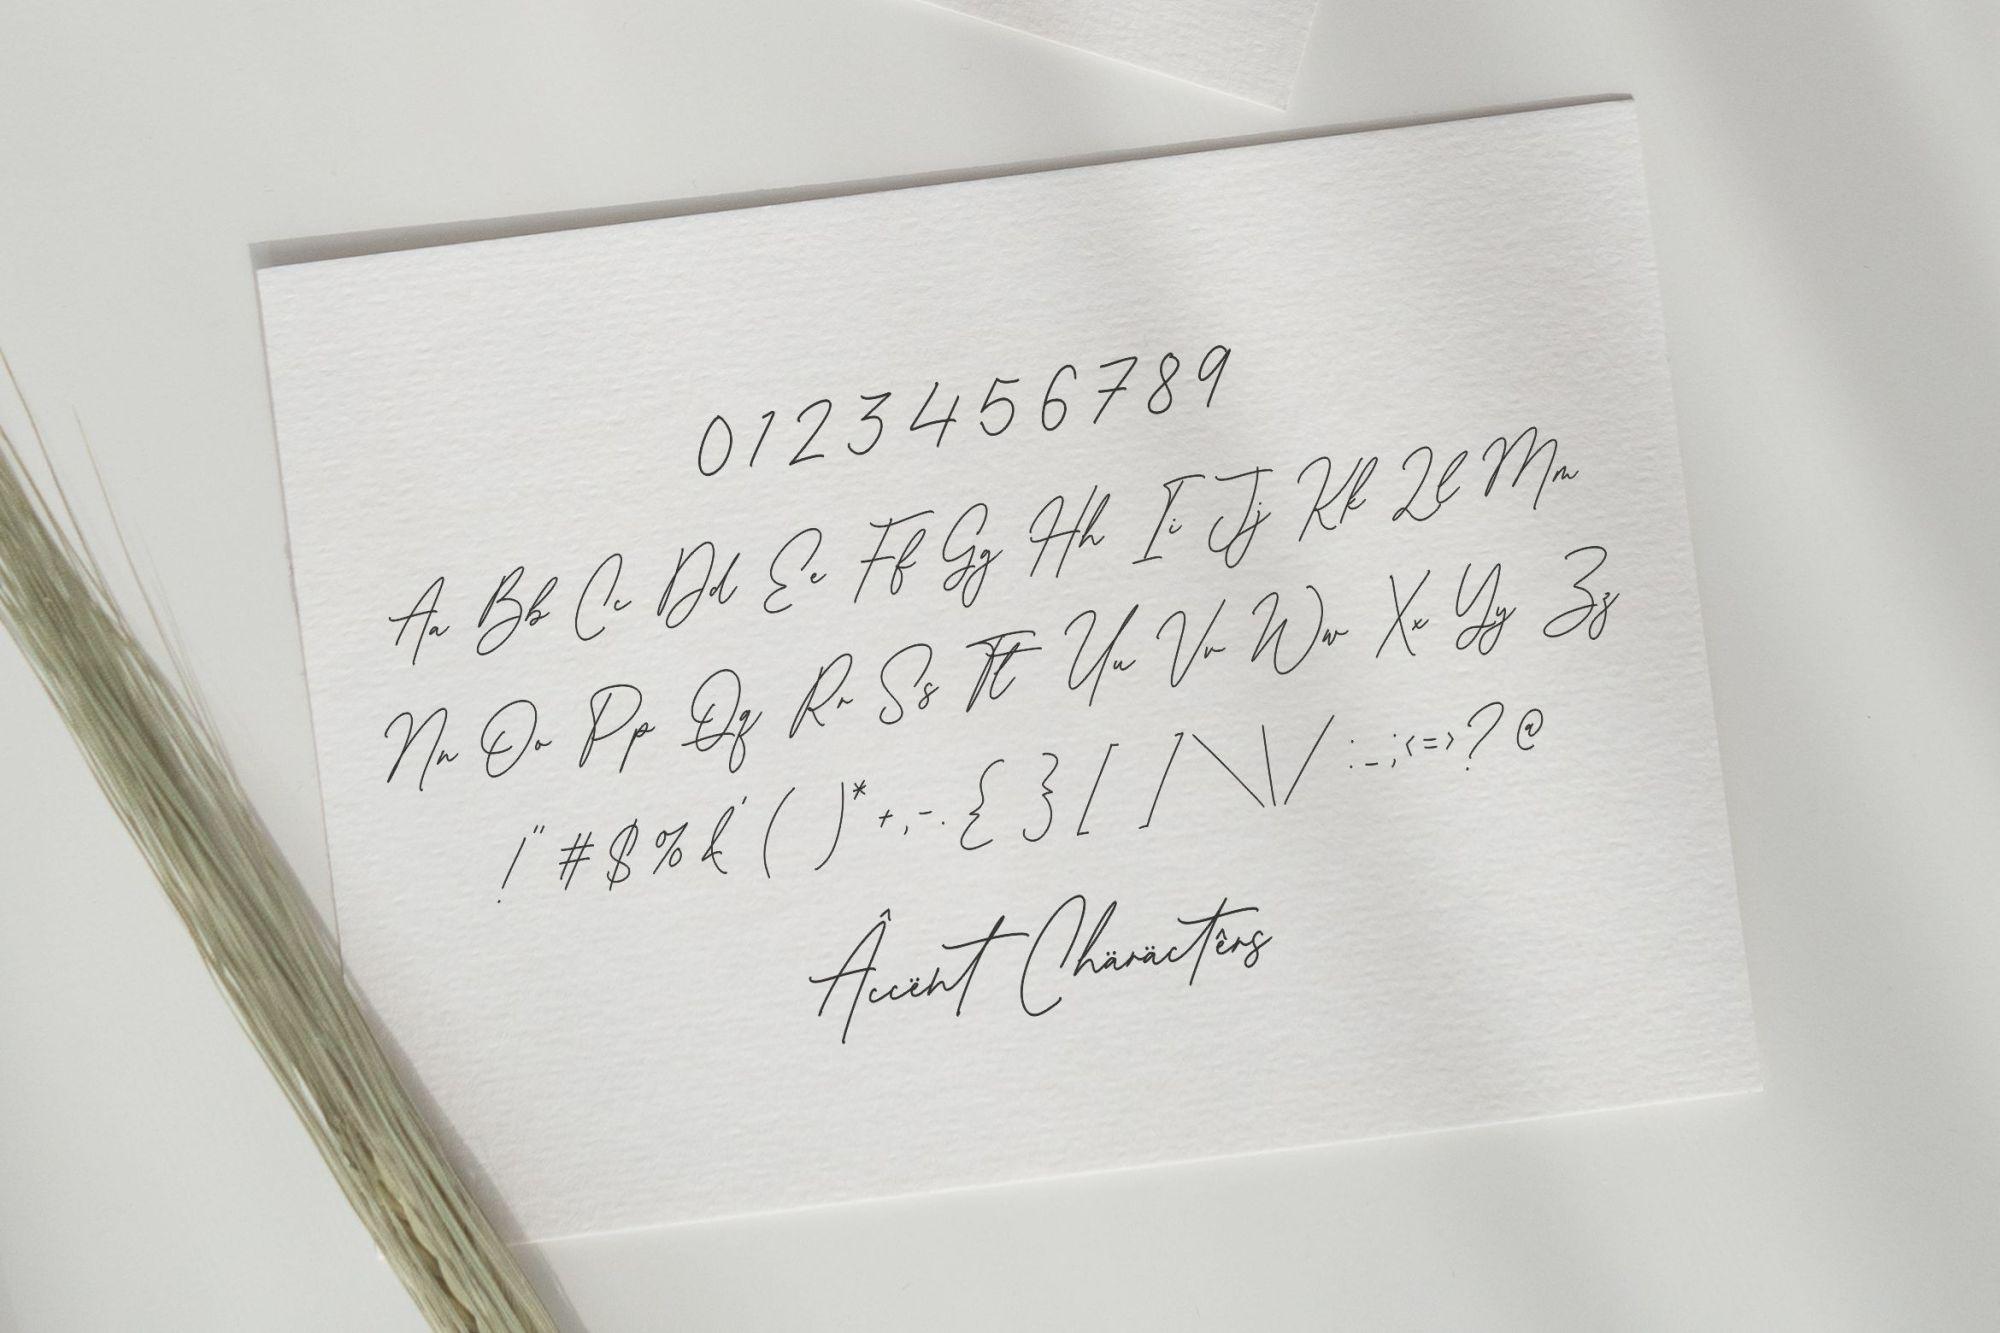 Antonio-Fischer-Signature-Monoline-Script-Font-3